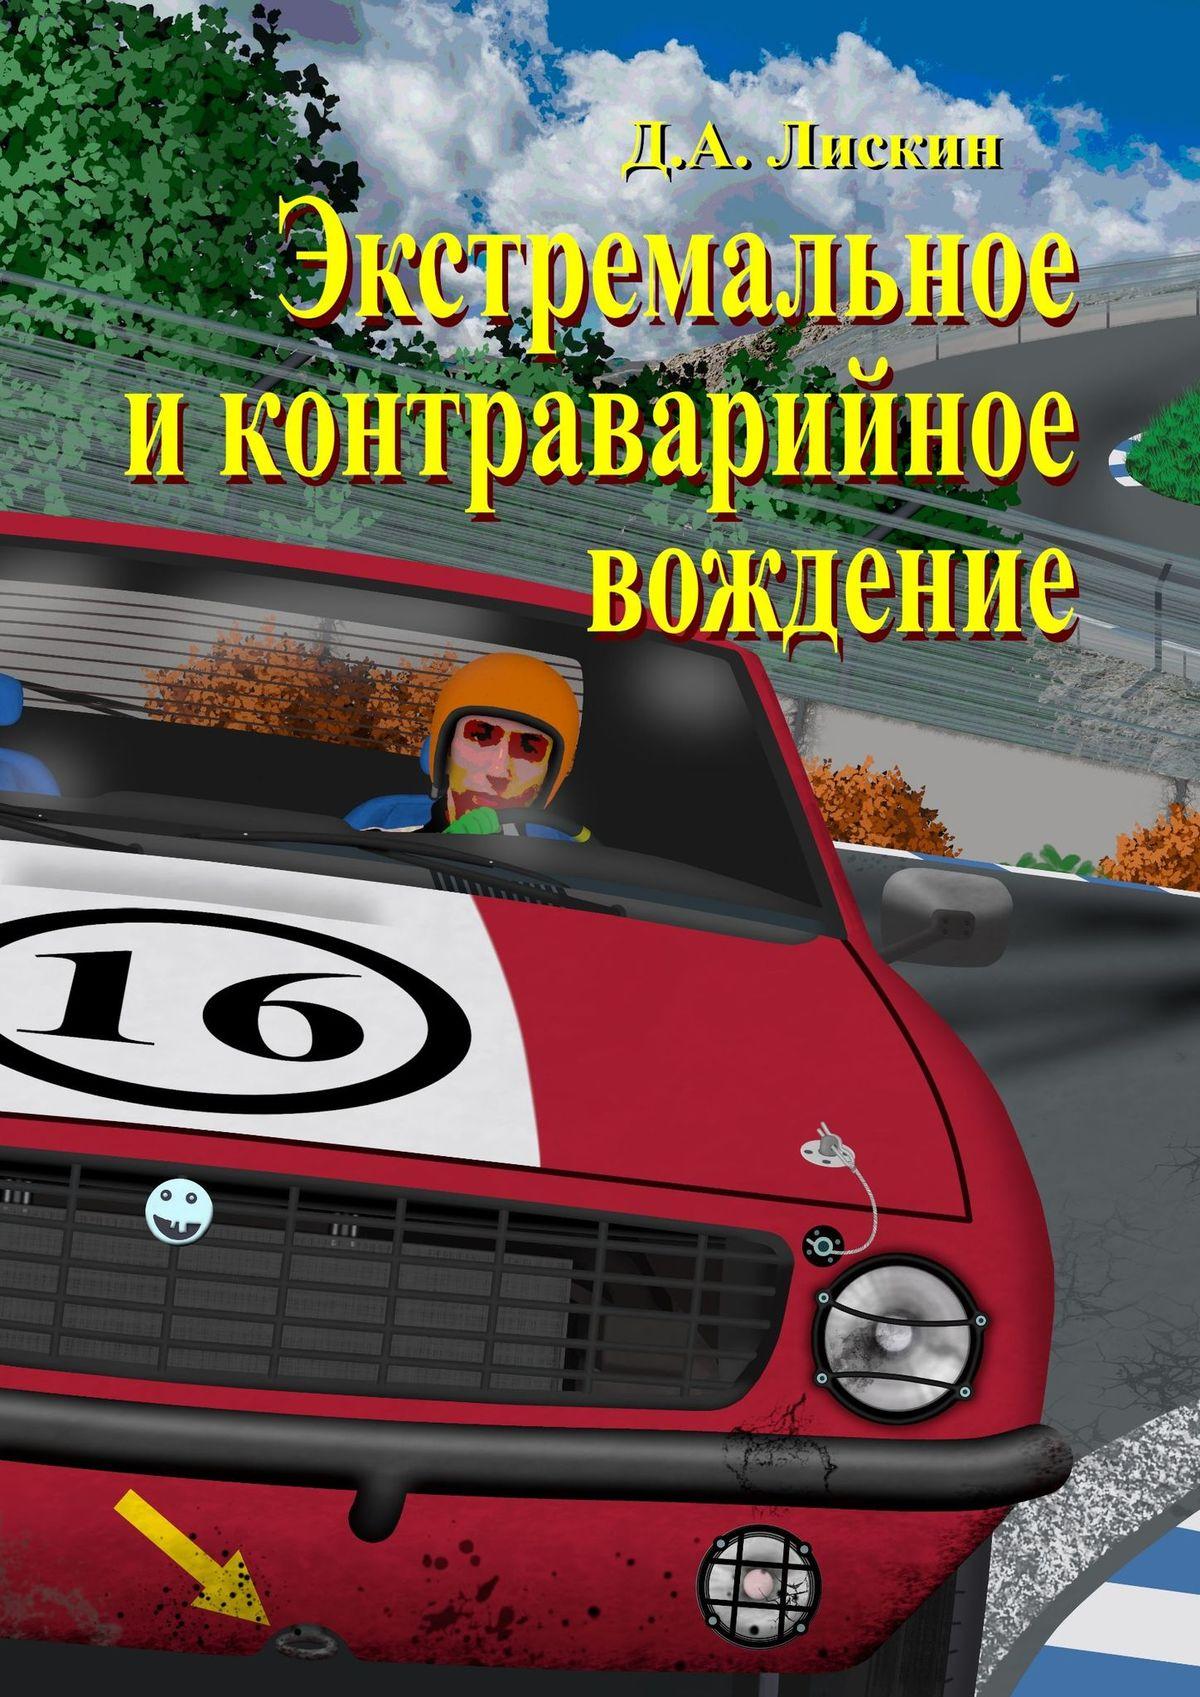 Купить книгу Экстремальное иконтраварийное вождение, автора Дмитрия Александровича Лискина